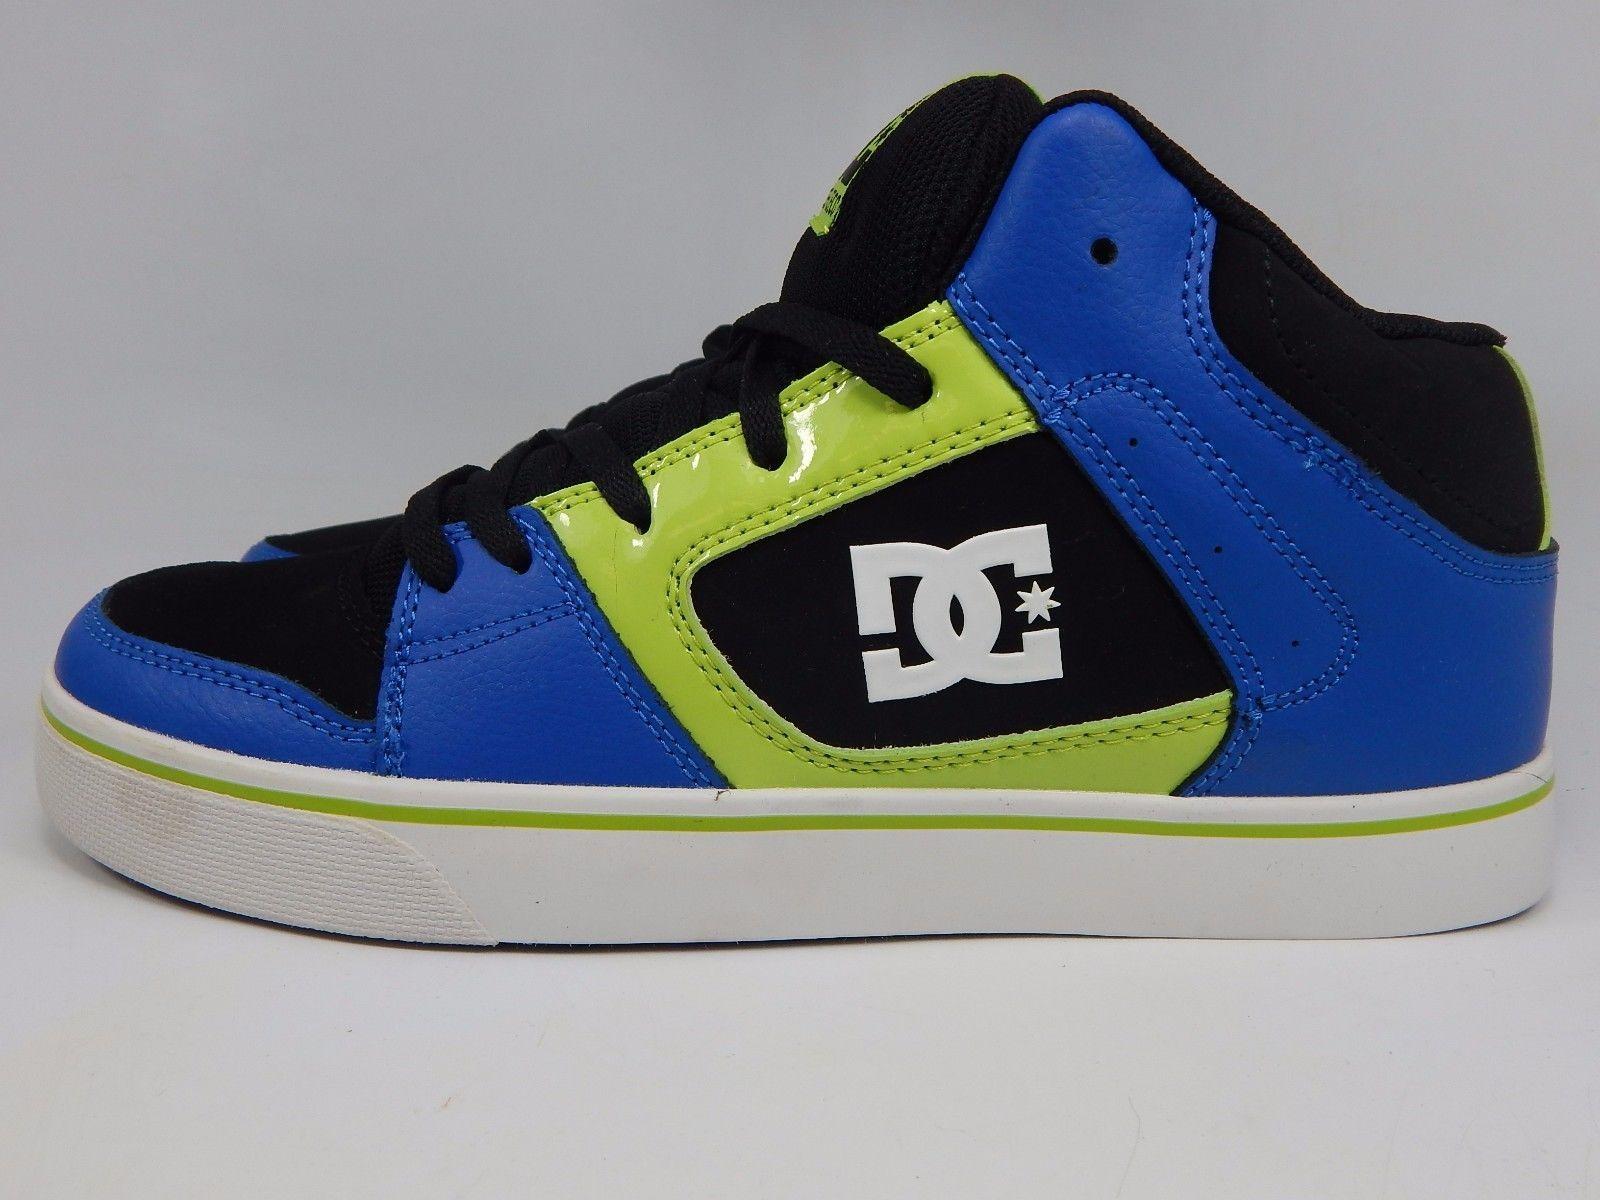 DC Patrol Round Toe Leather Men's Skate Shoes Size US 9.5 M (D) EU 42.5 Black